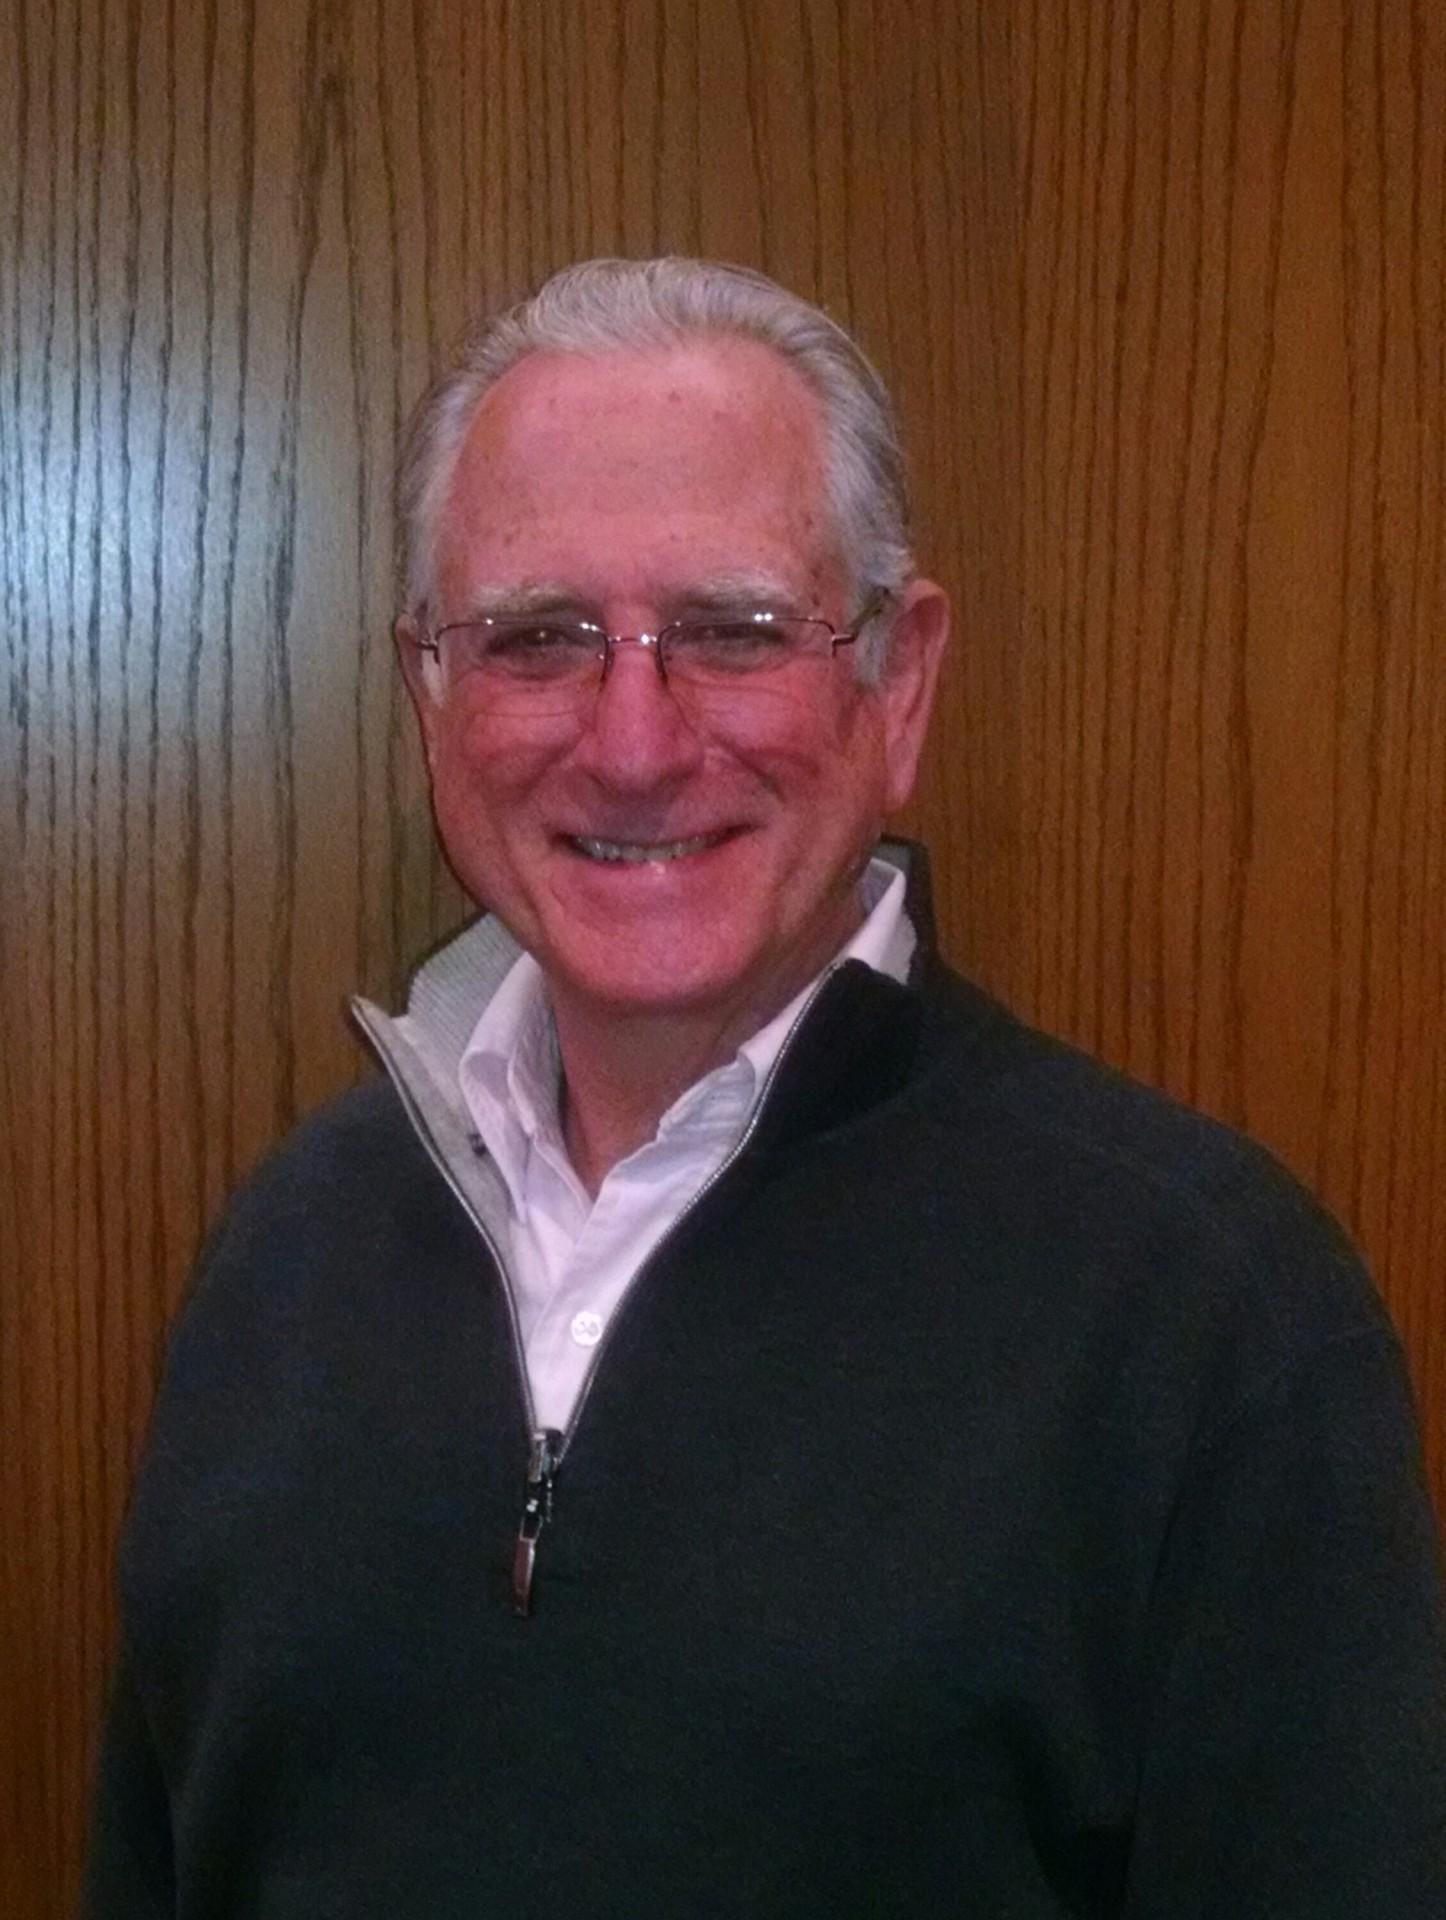 Randall Nelson, DVM MPH